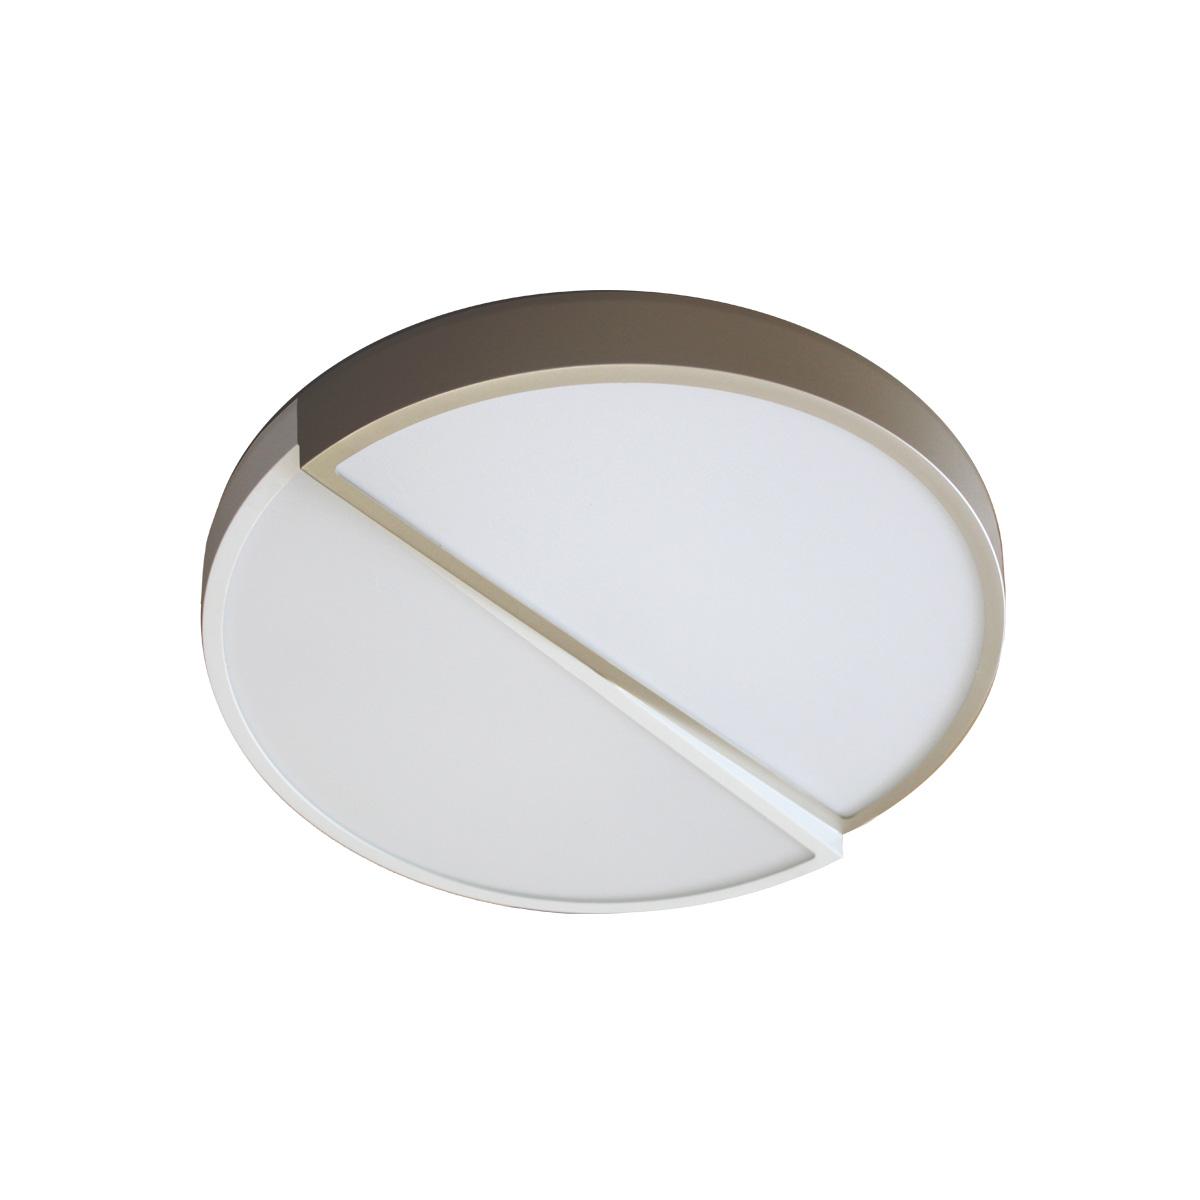 LED plafonjera 1.0161-P450